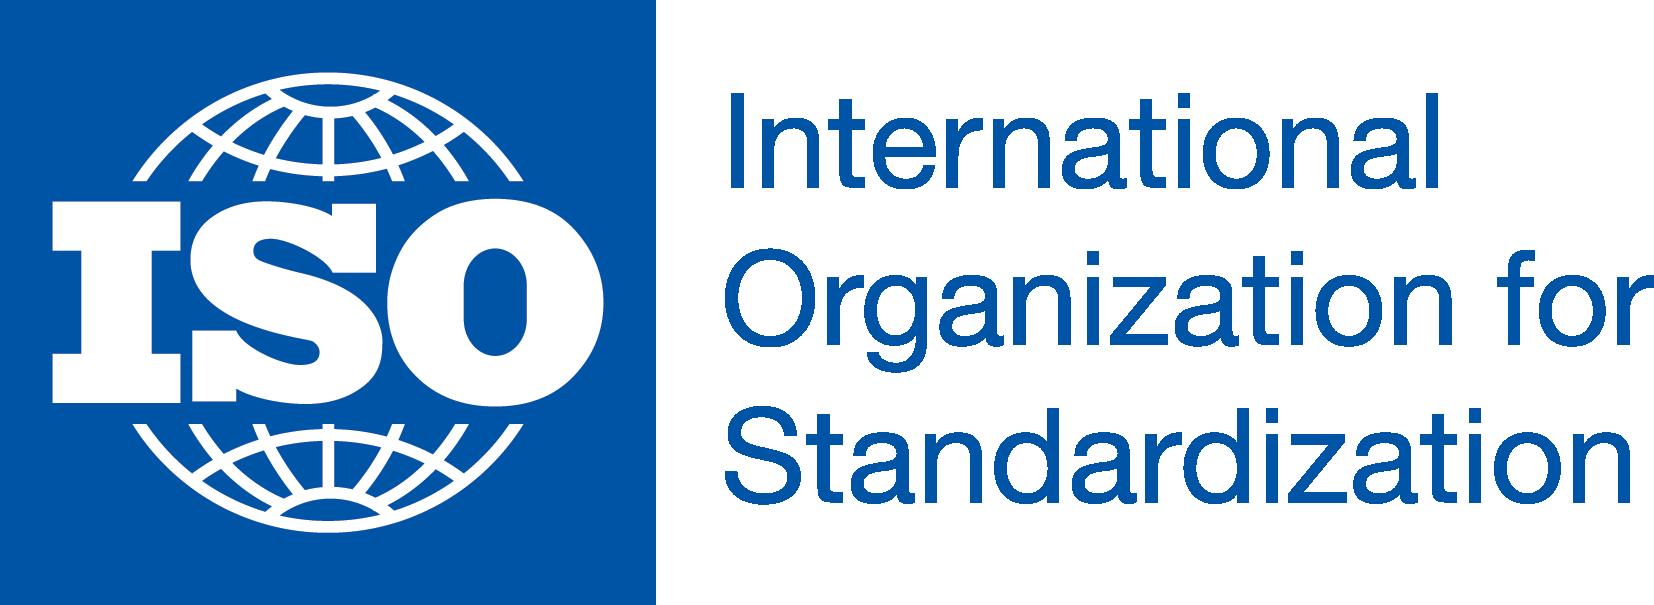 ایزو و استاندارد